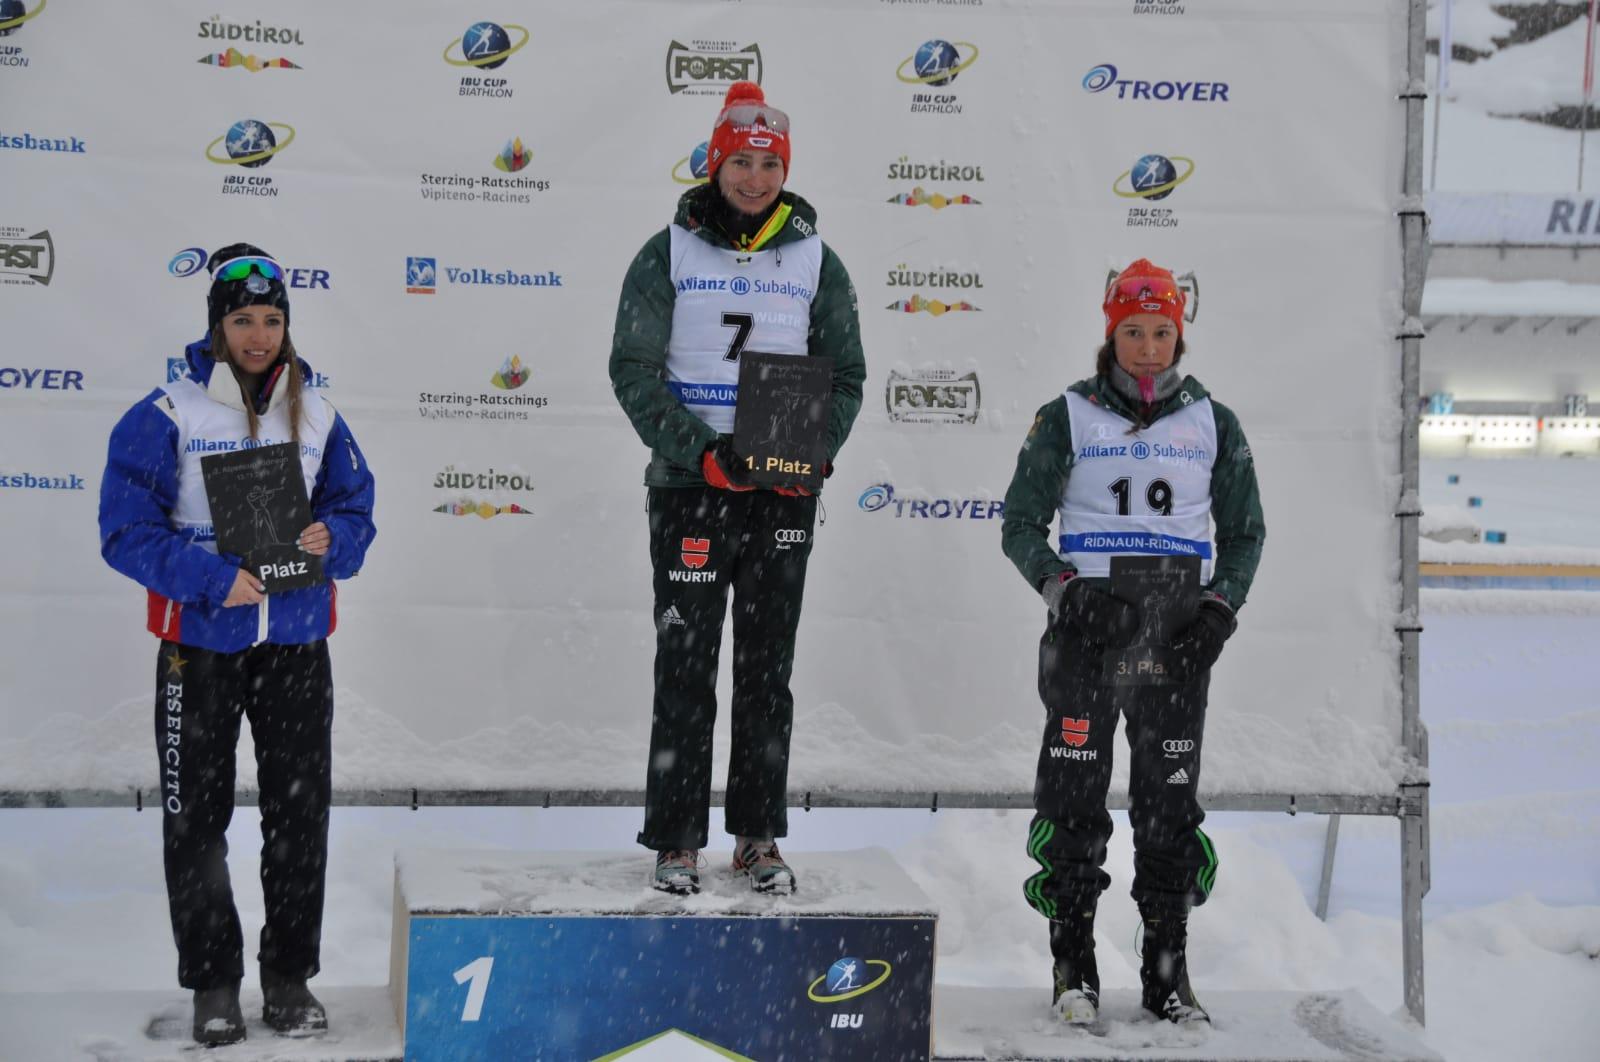 2x Podium für Jule beim Alpencup in Ridnaun